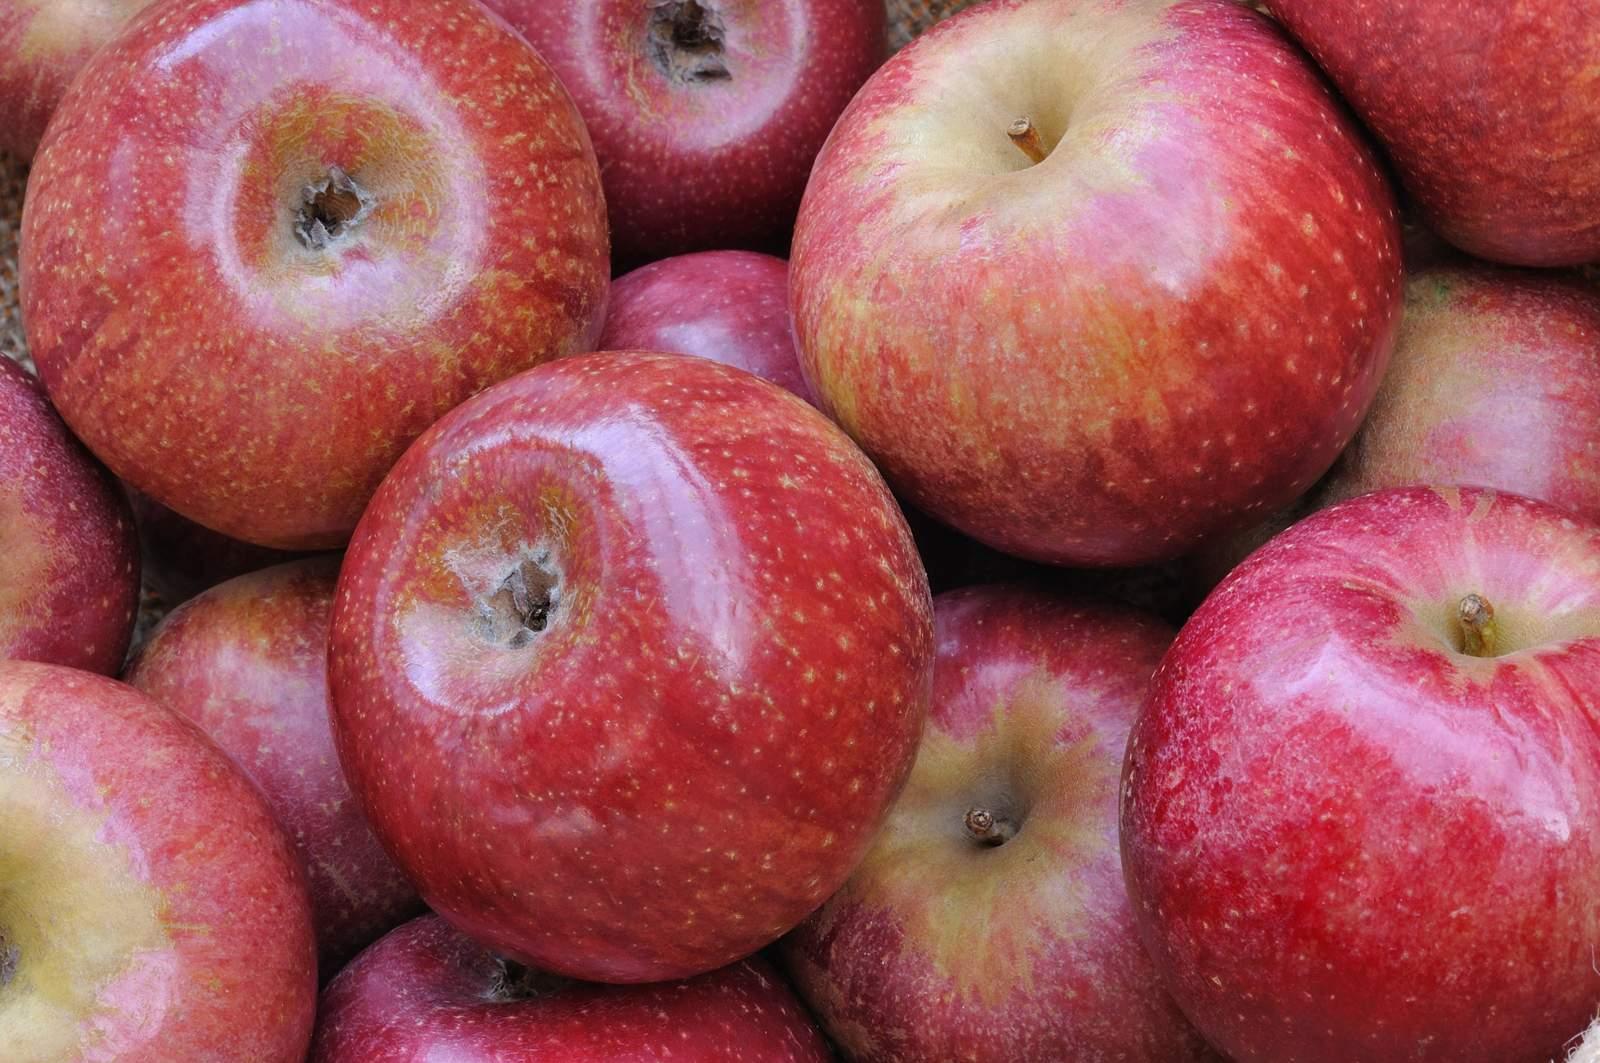 Liquore alla mela annurca: la ricetta della tradizione napoletana